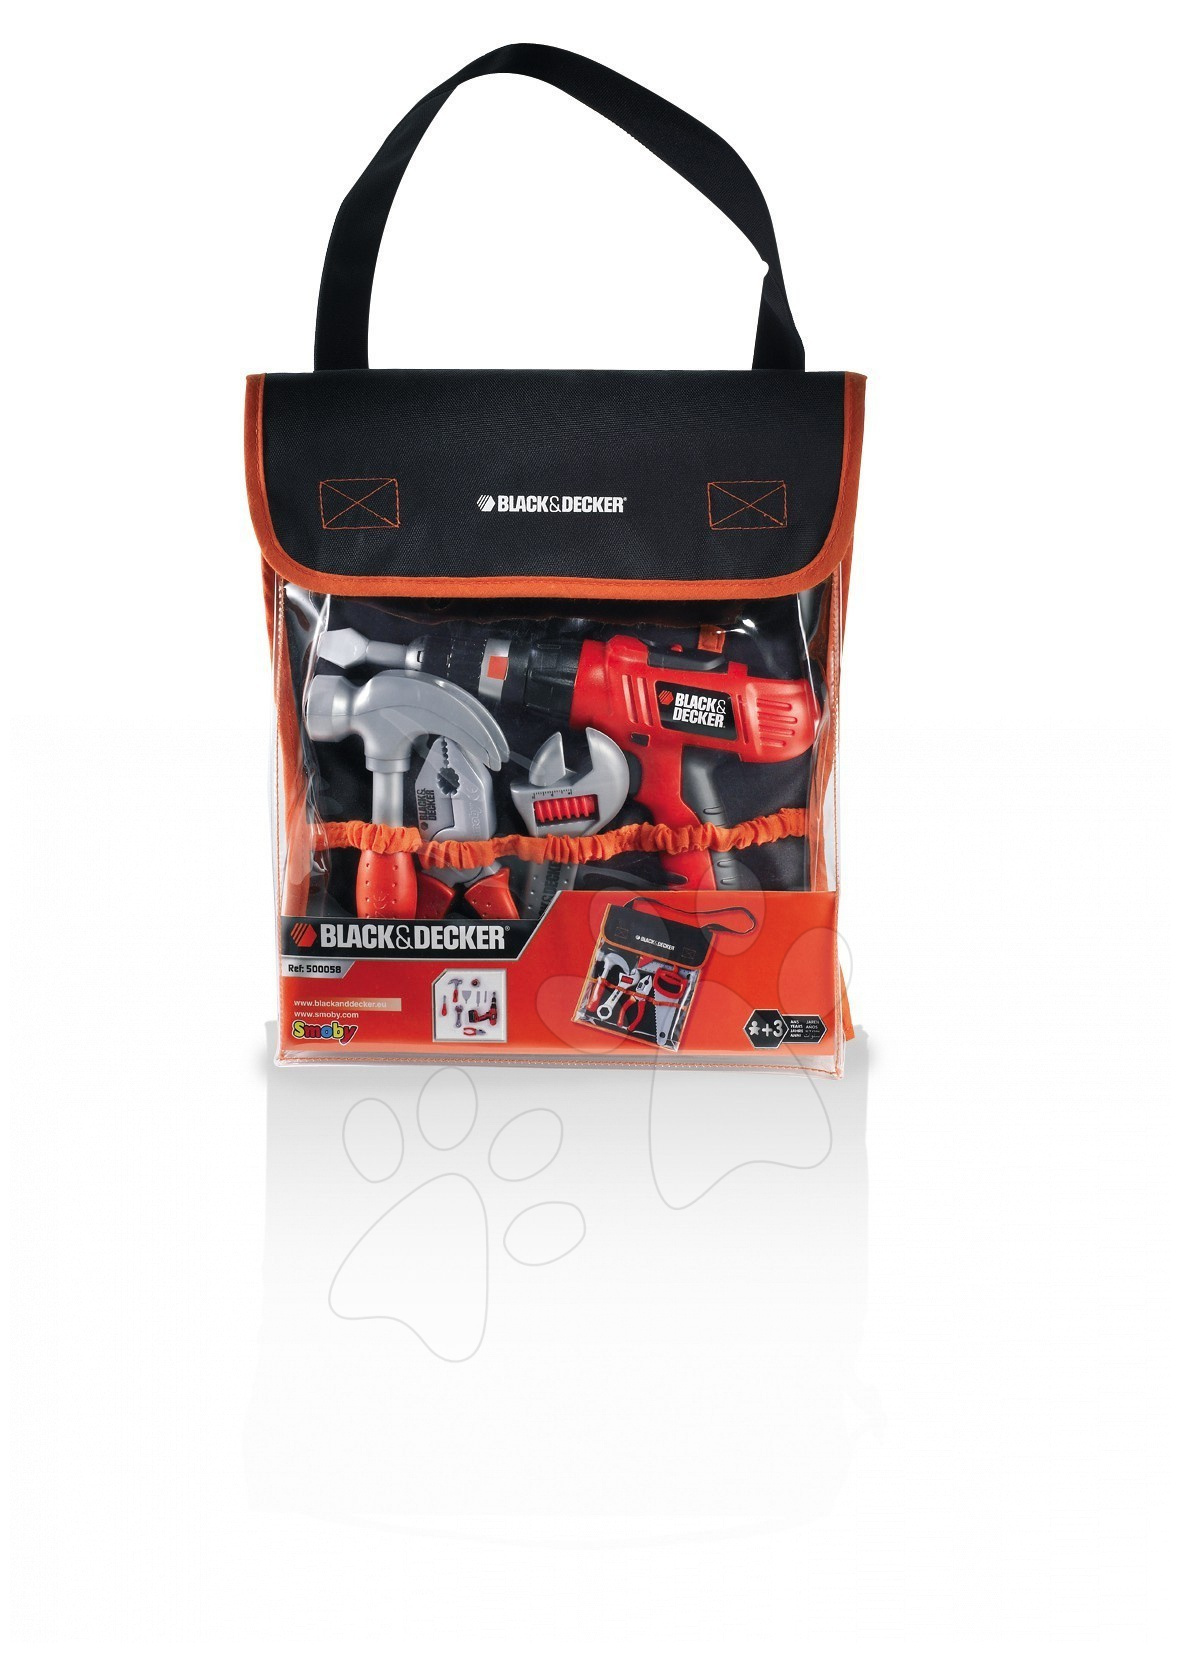 Pracovní nástroje pro děti Black&Decker Smoby v tašce s mechanickou vrtačkou 6 kusů